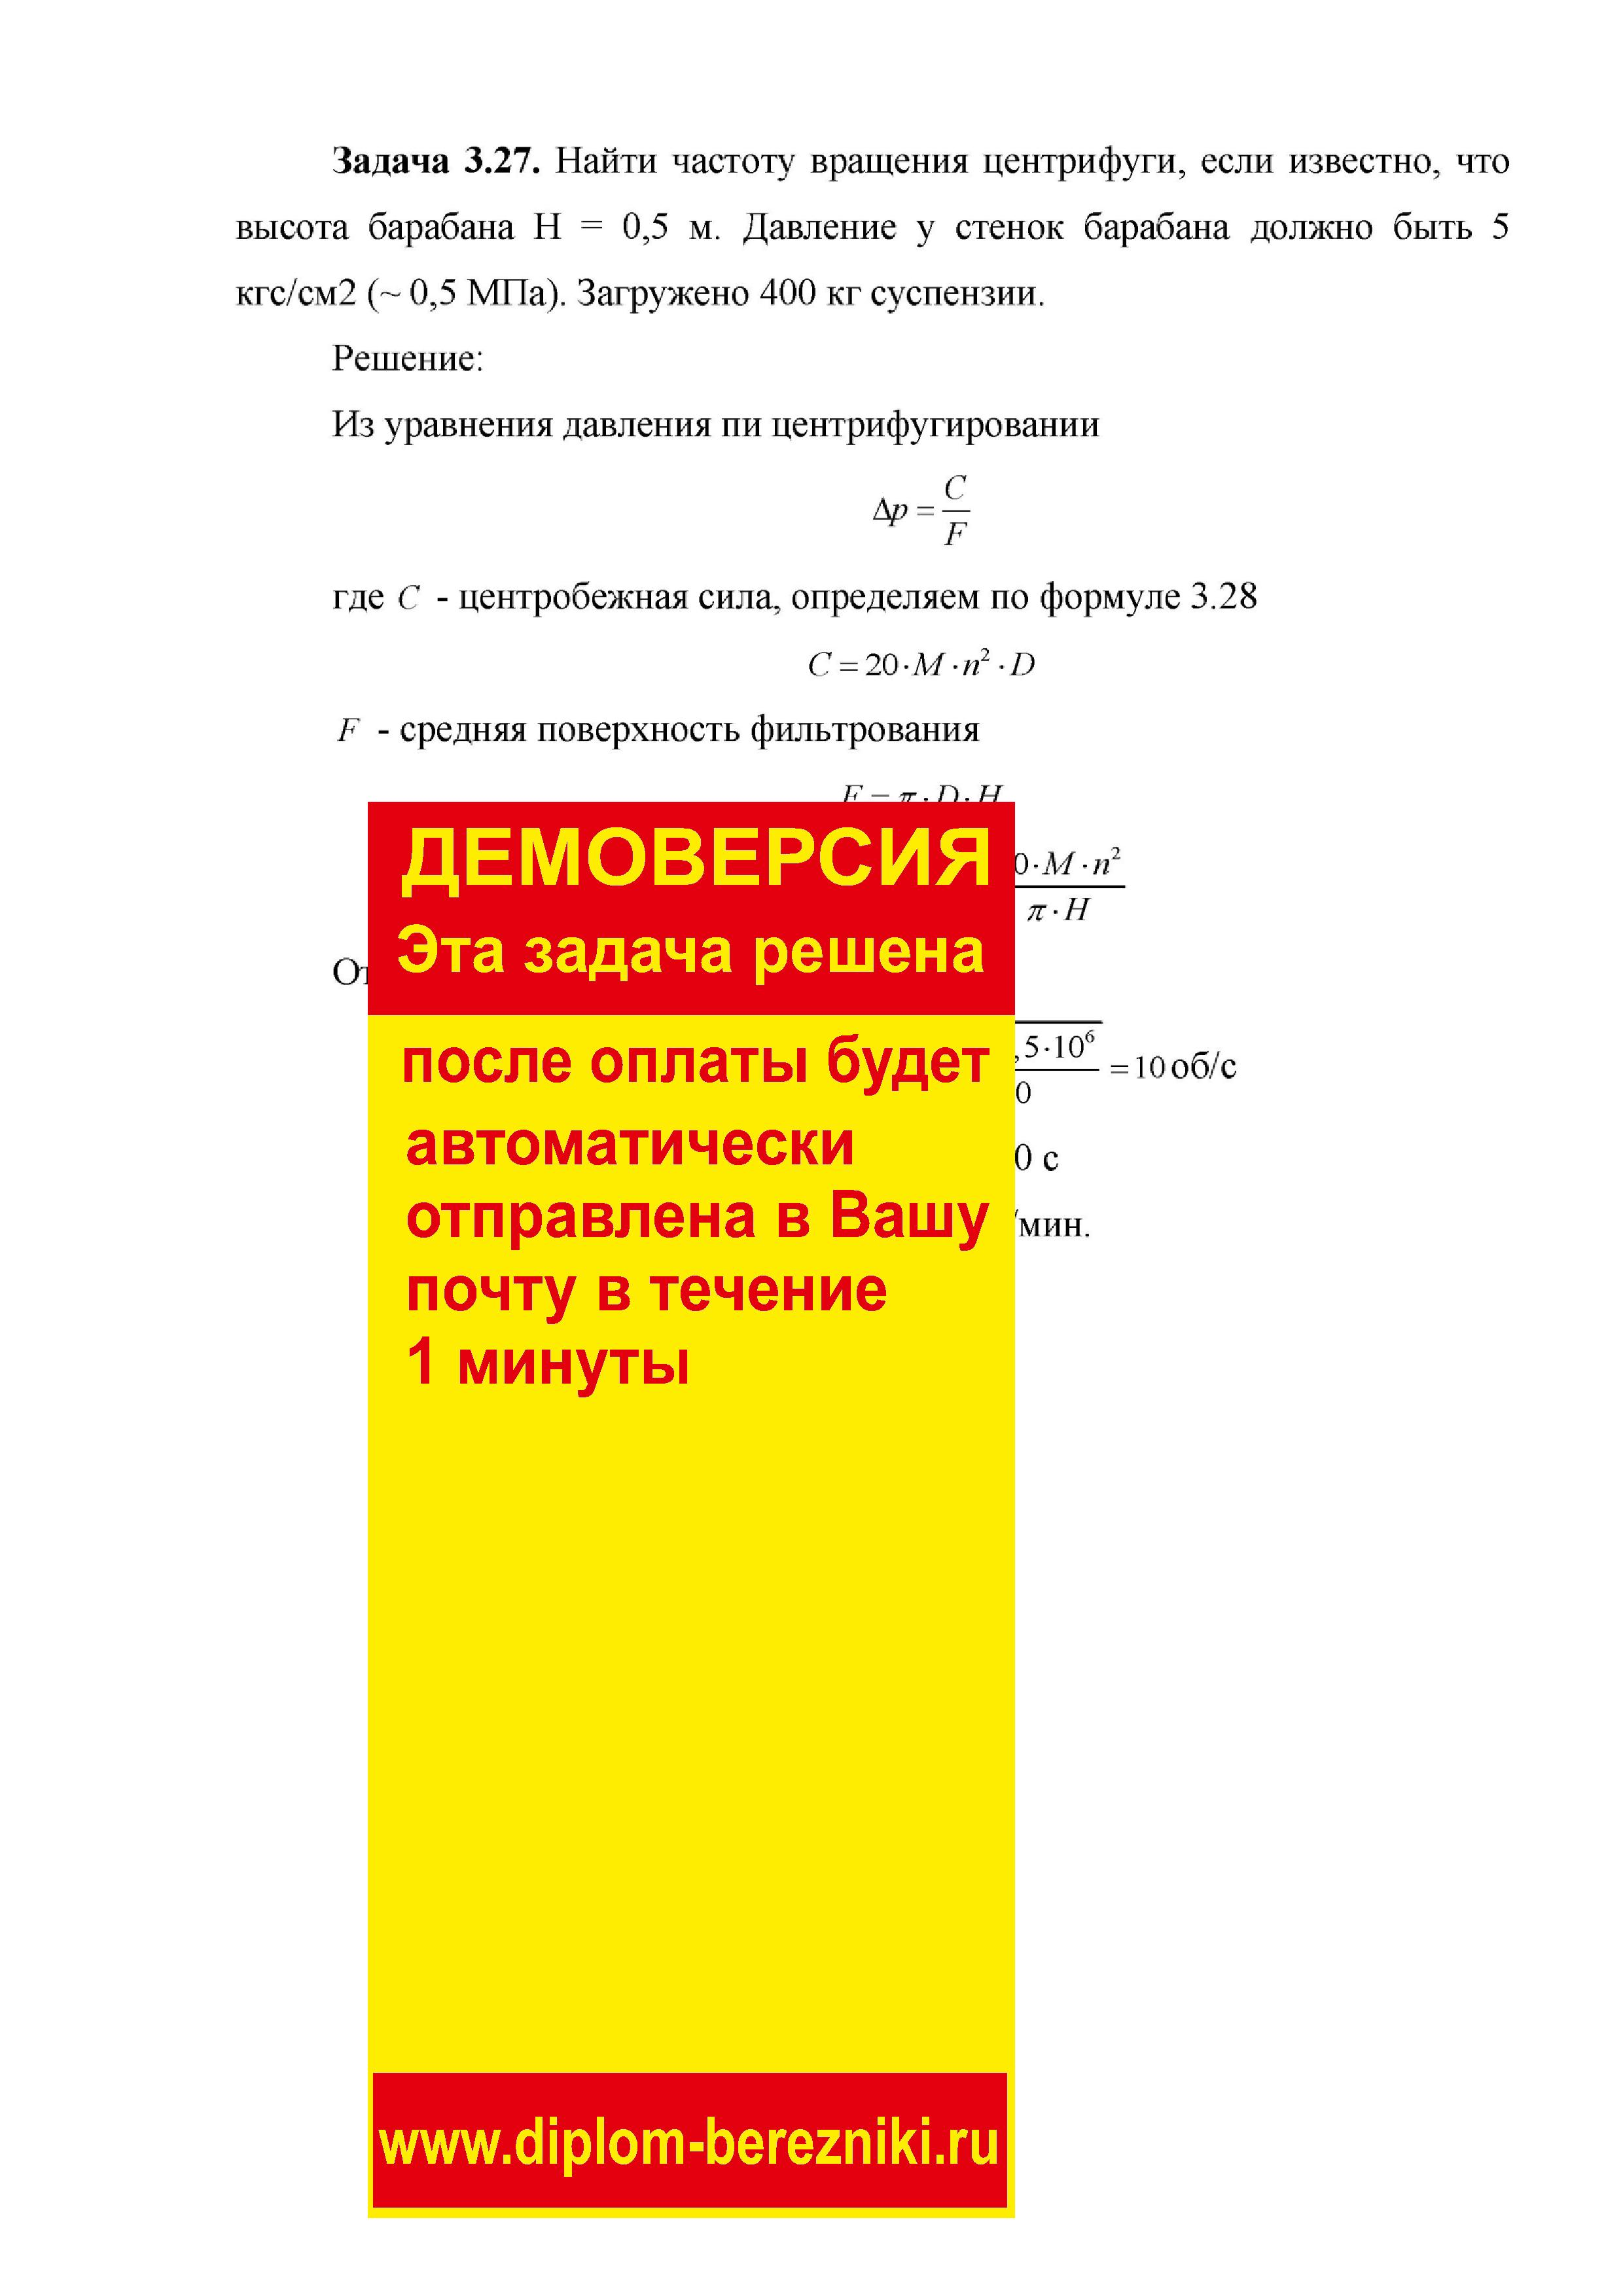 Решение задачи 3.27 по ПАХТ из задачника Павлова Романкова Носкова